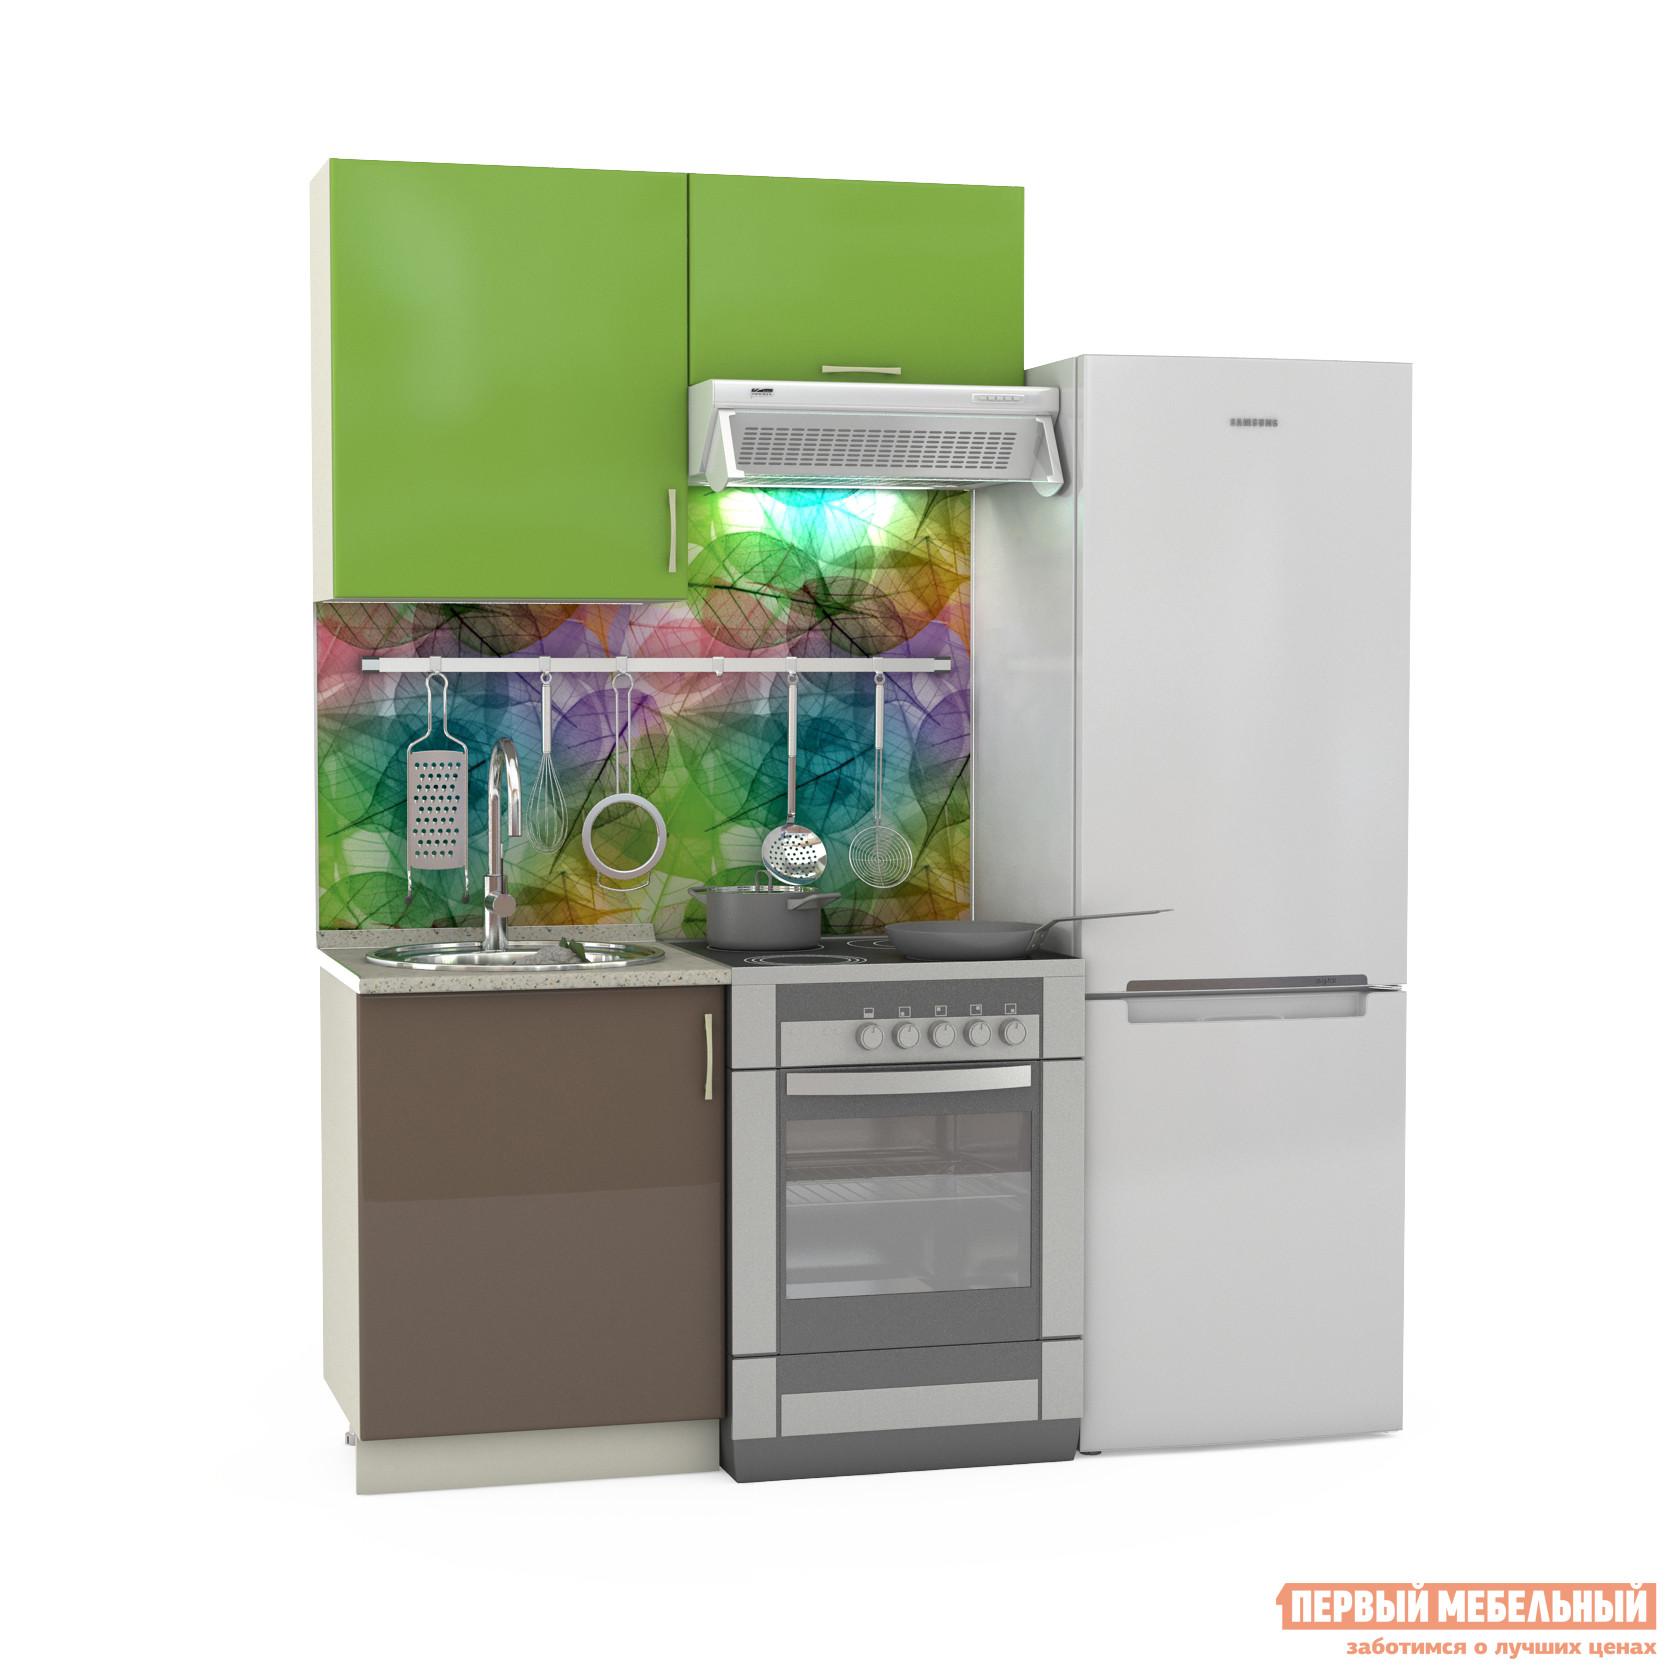 Кухонный гарнитур Бит и Байт Сандра-2 120 см кухонный гарнитур витра палермо 300 2